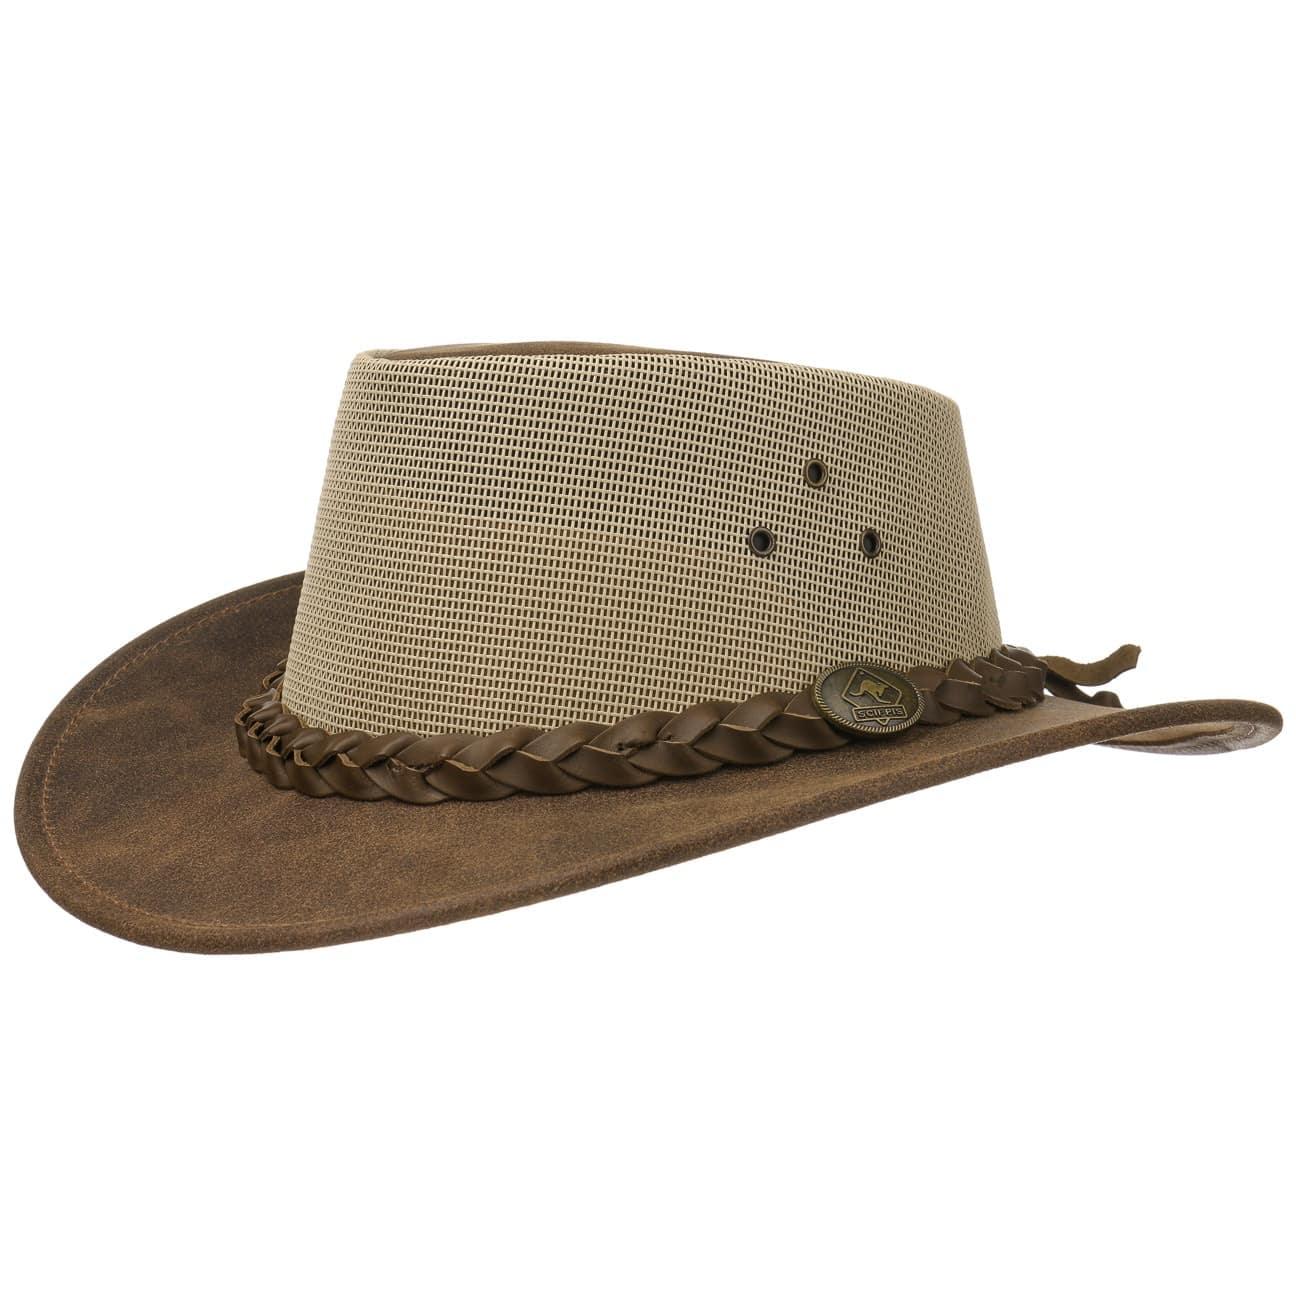 Sombrero de Piel Darwin Cooler by Scippis  sombrero de piel natural